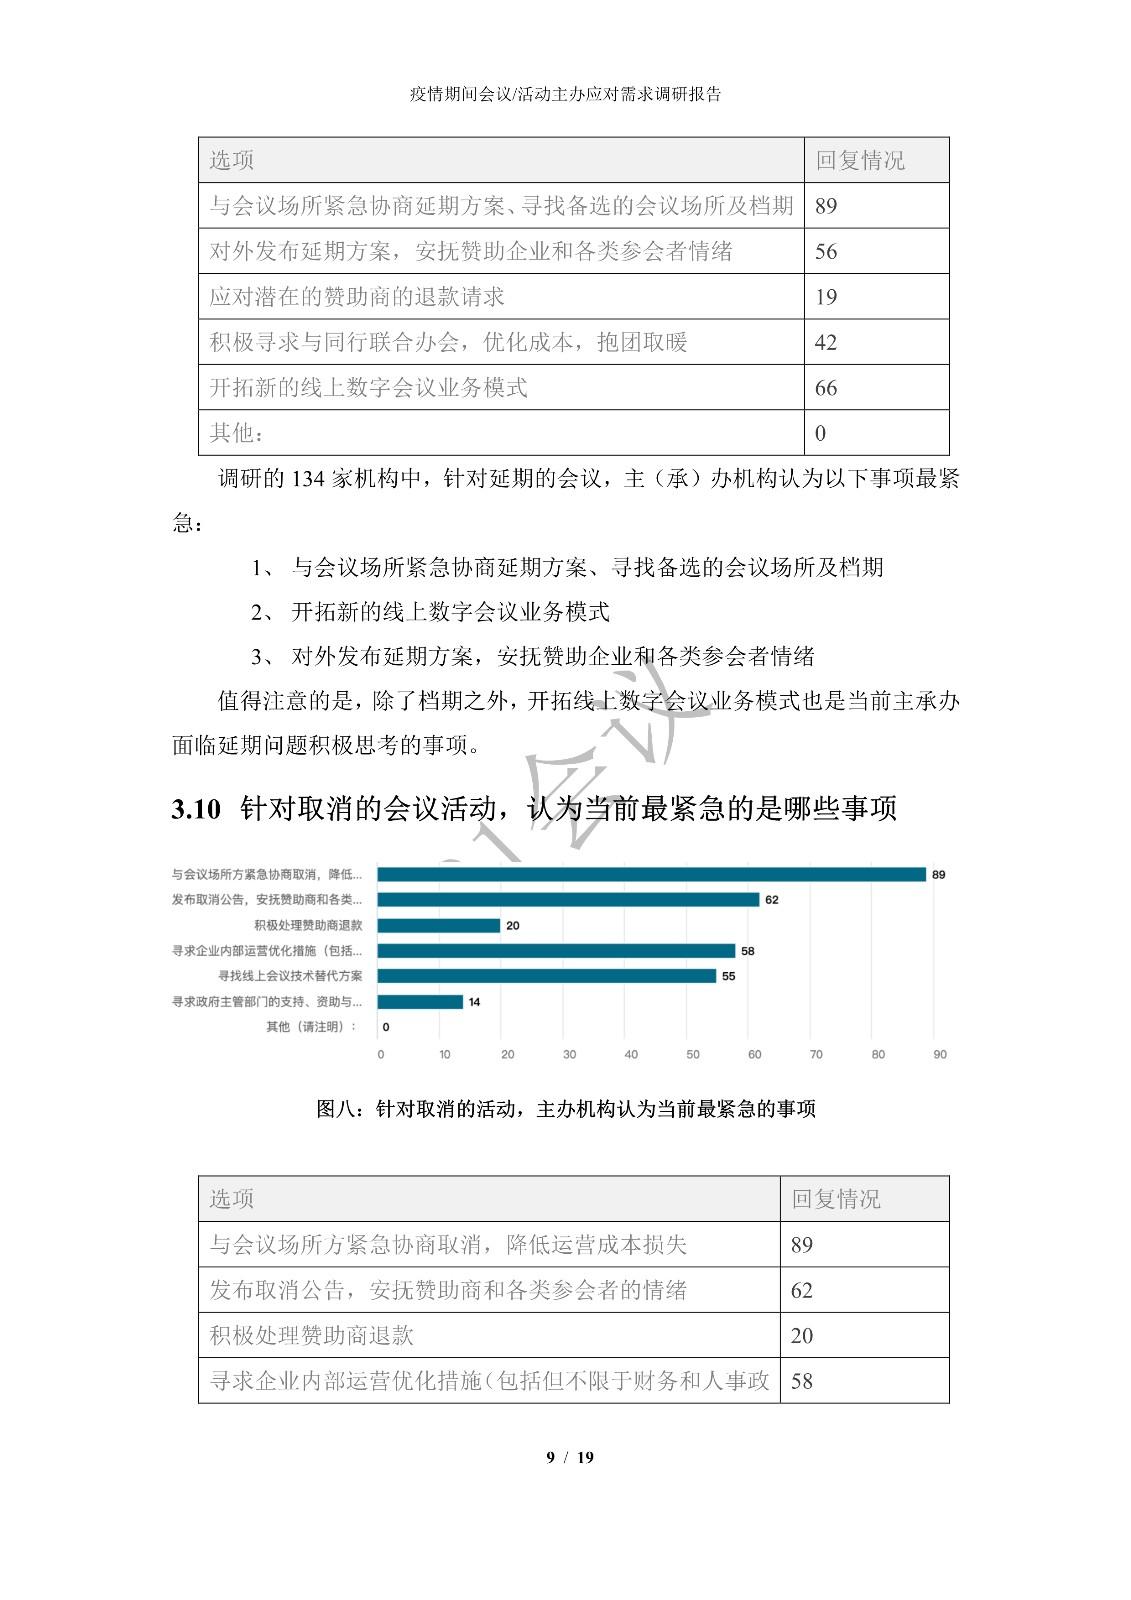 新型冠状病毒肺炎疫情期间 会议活动主办应对需求调研报告_8.jpg